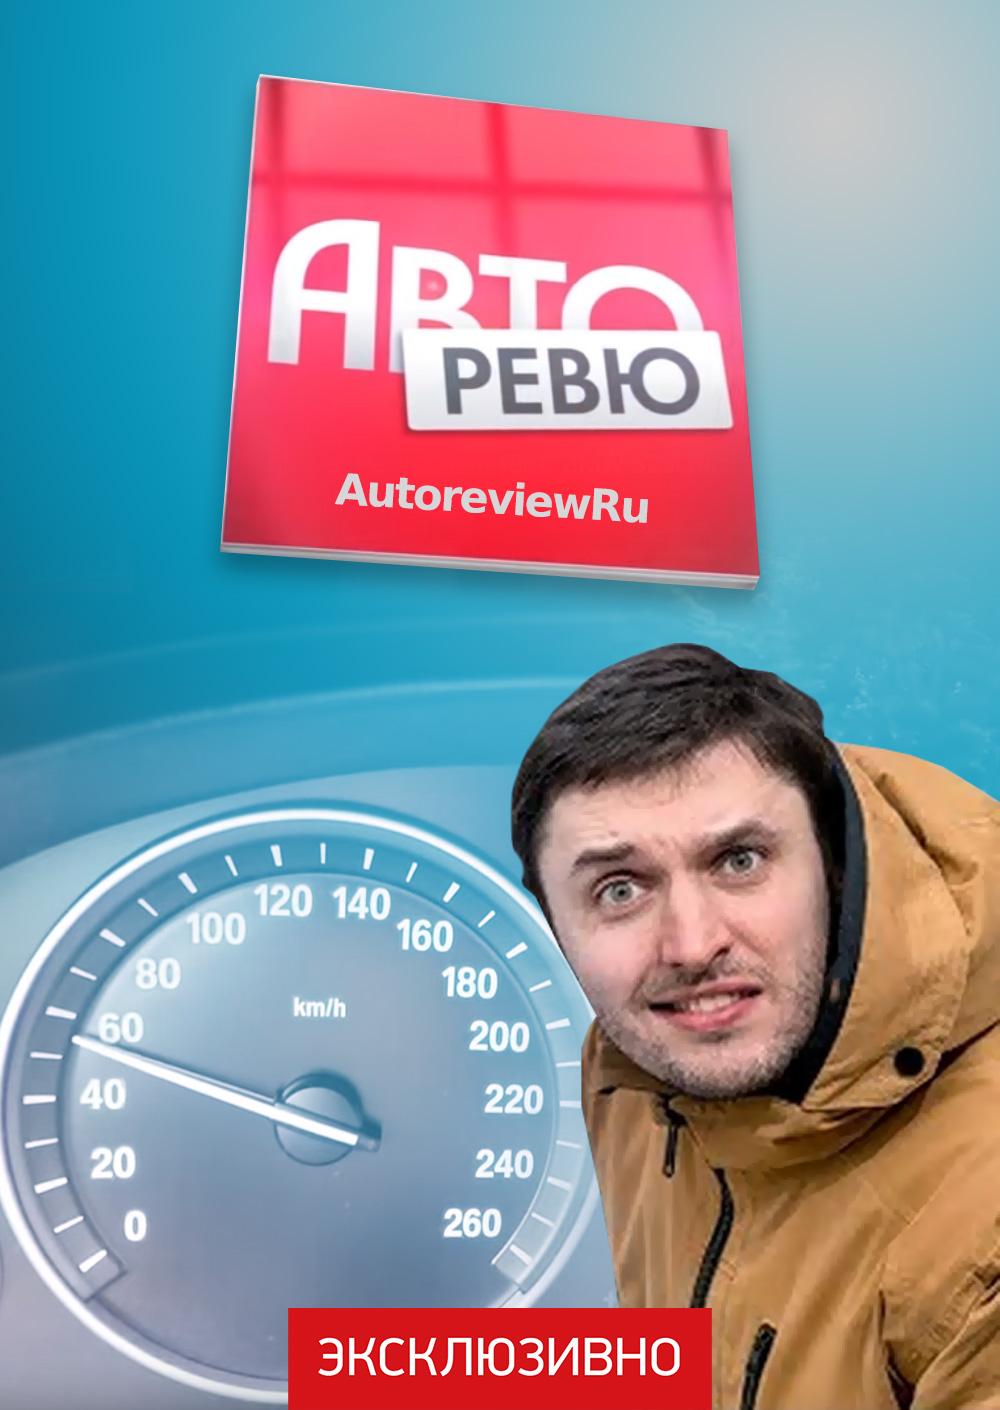 AutoreviewRu